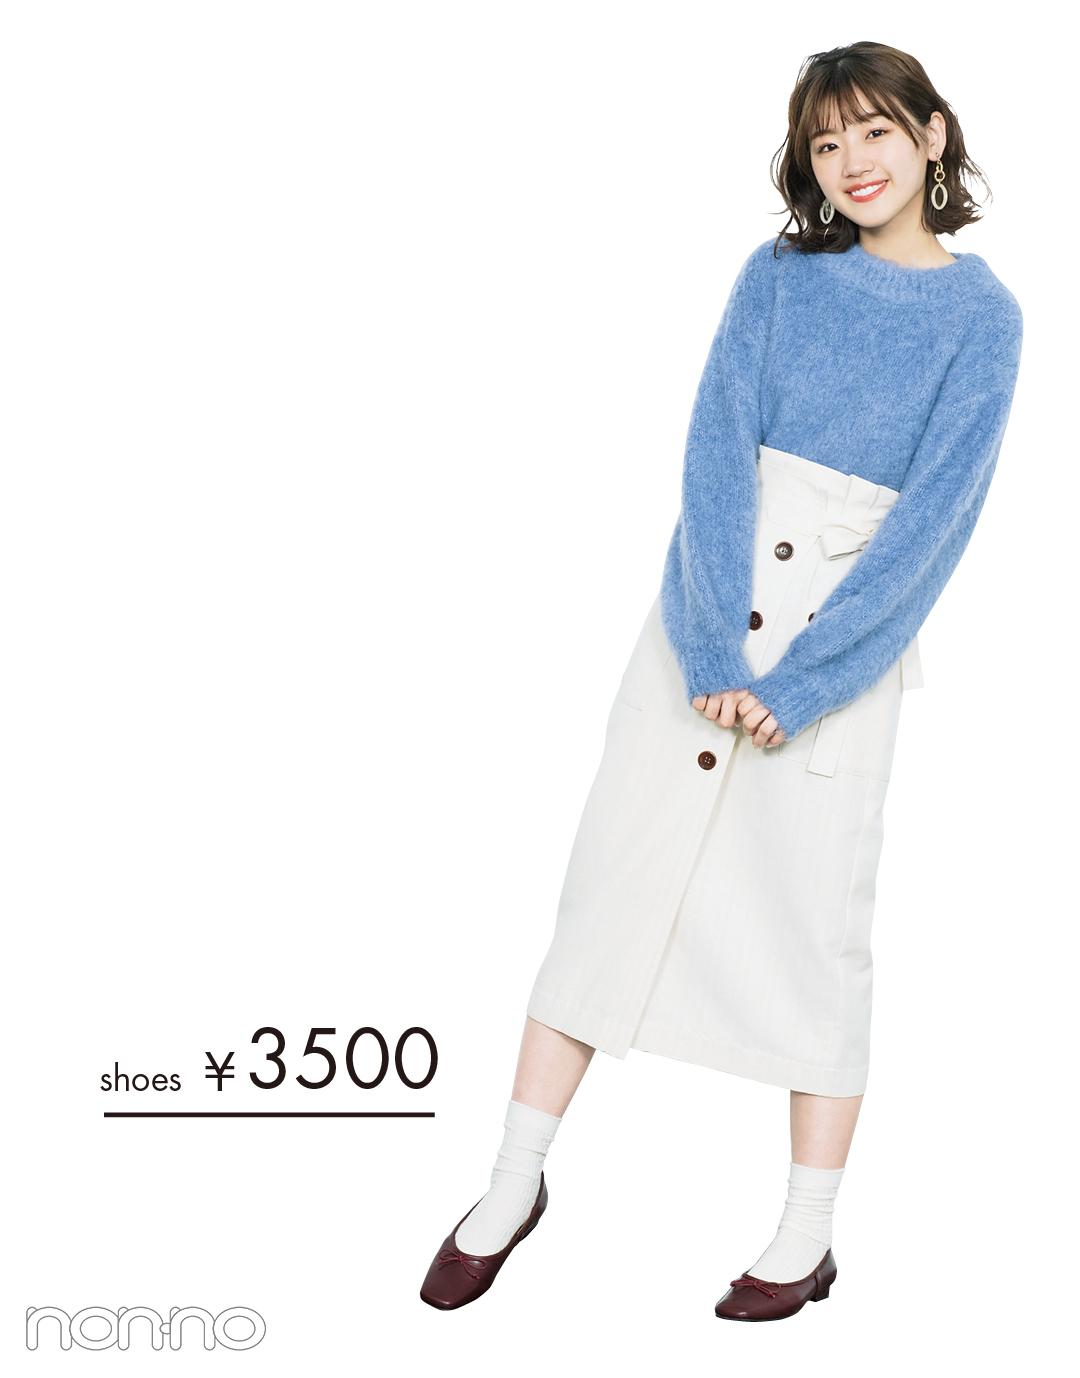 shoes ¥3500